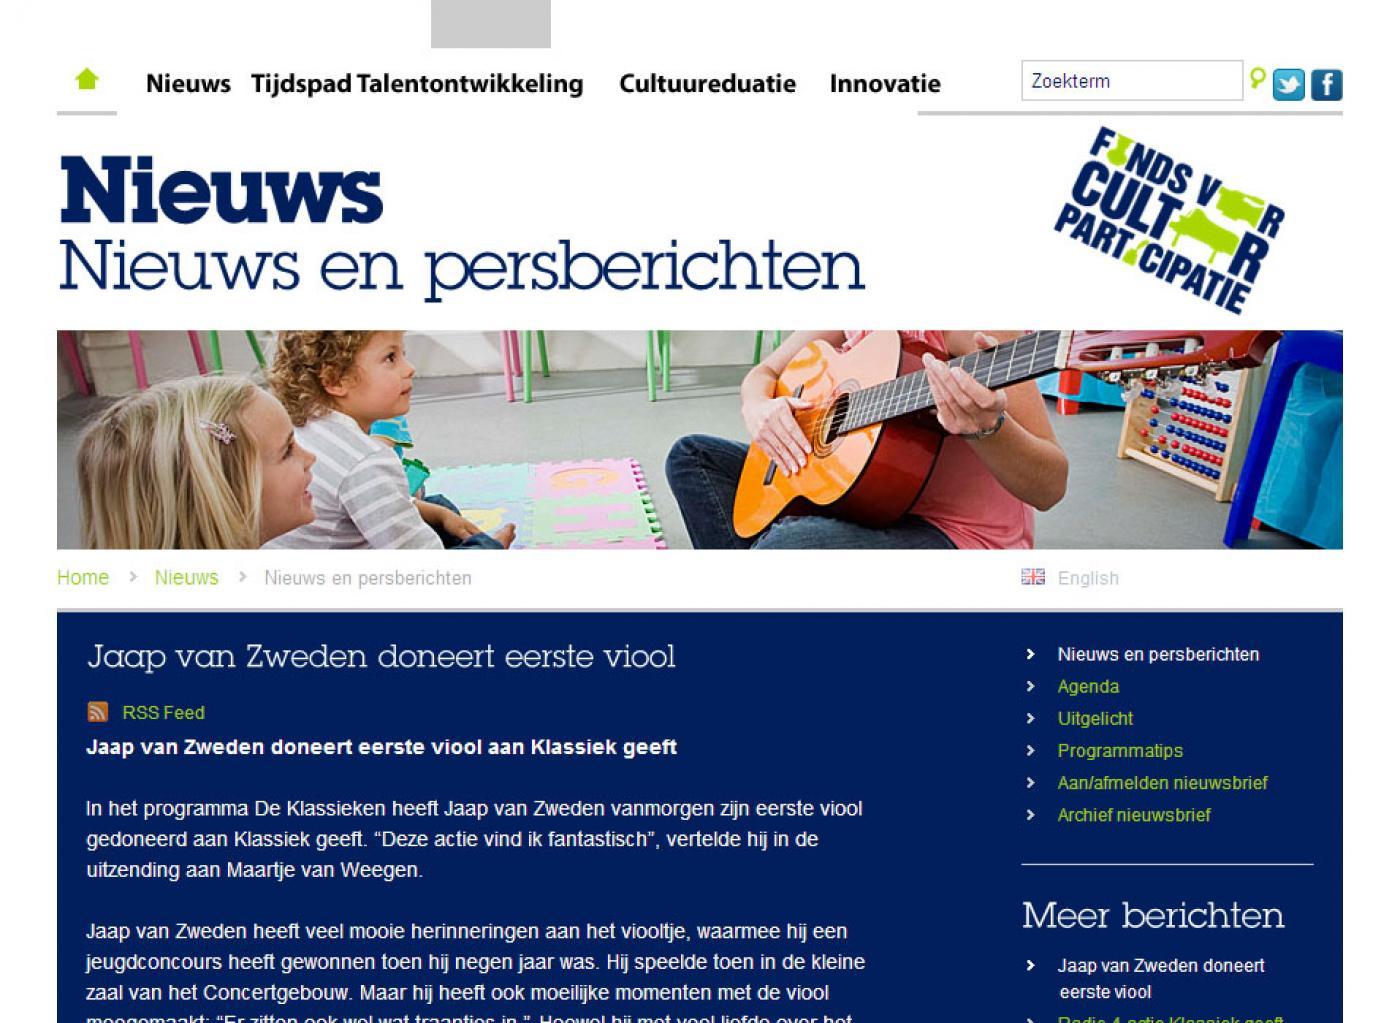 De website van het Fonds in 2011